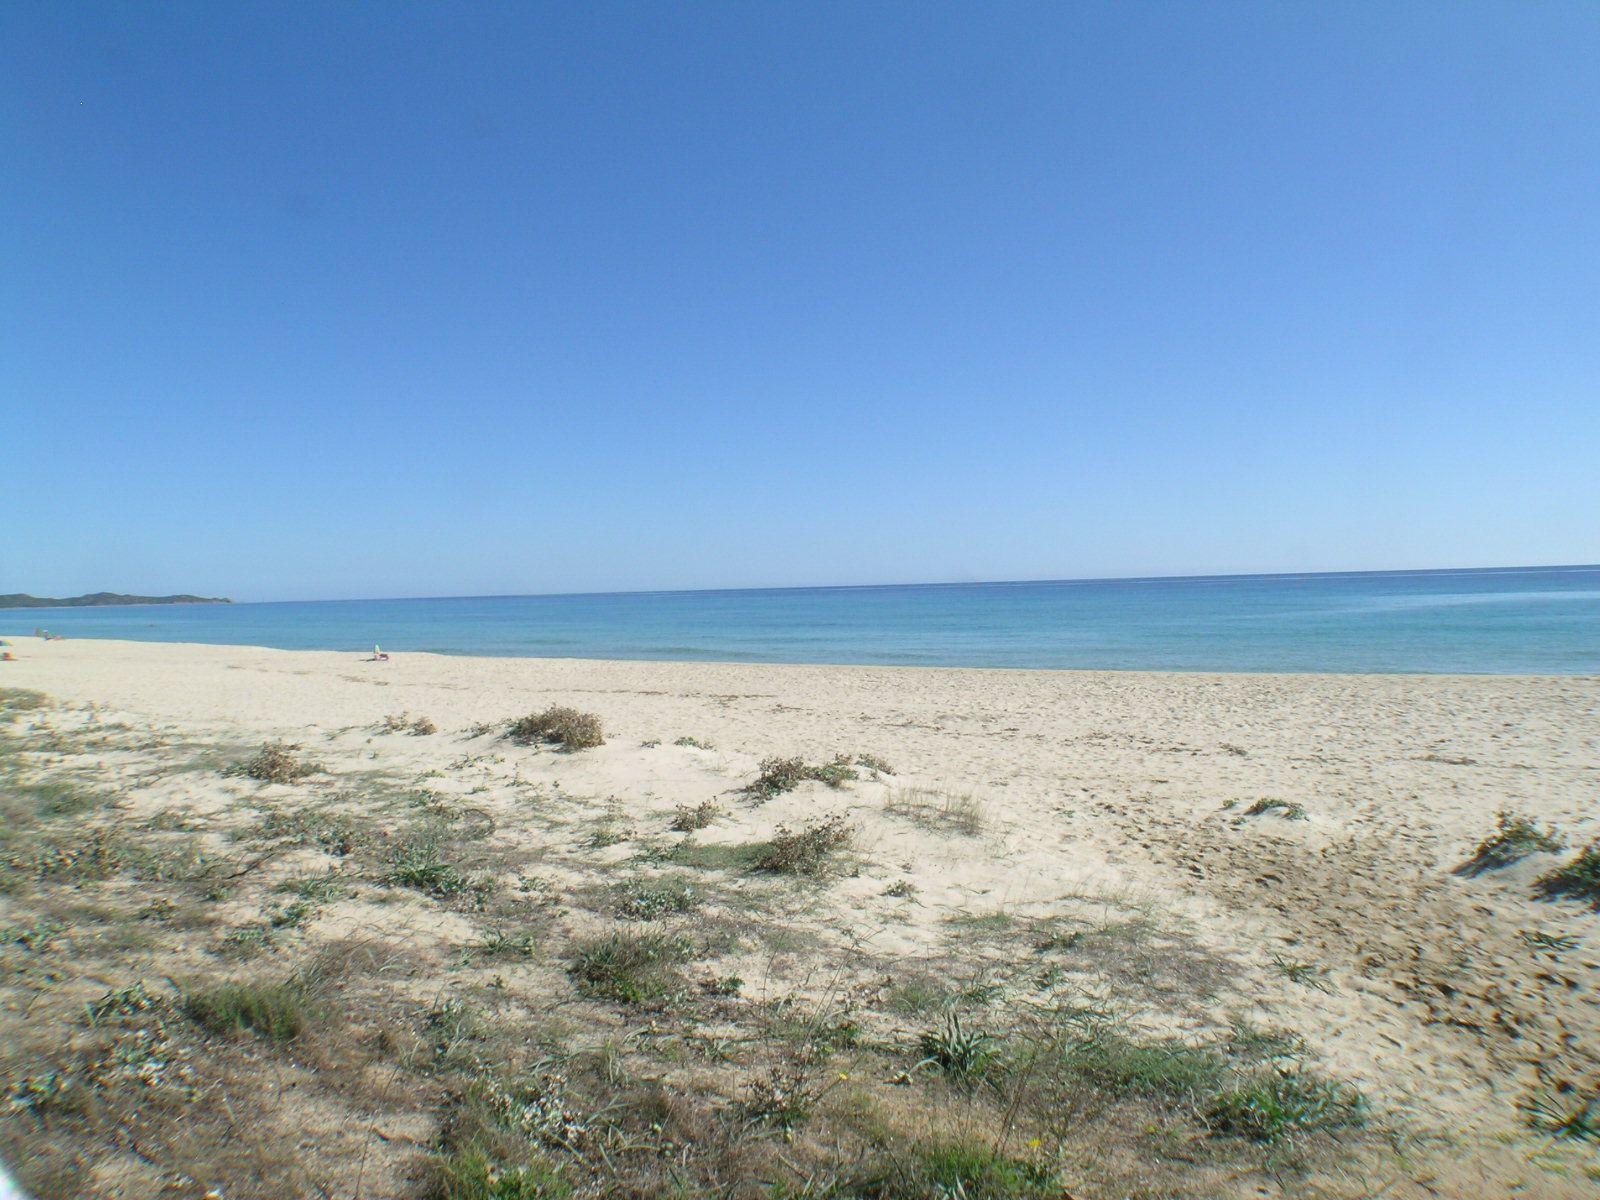 Den wellen von sardinien lauschen am strand wohnen for Sardinien ferienhaus am strand